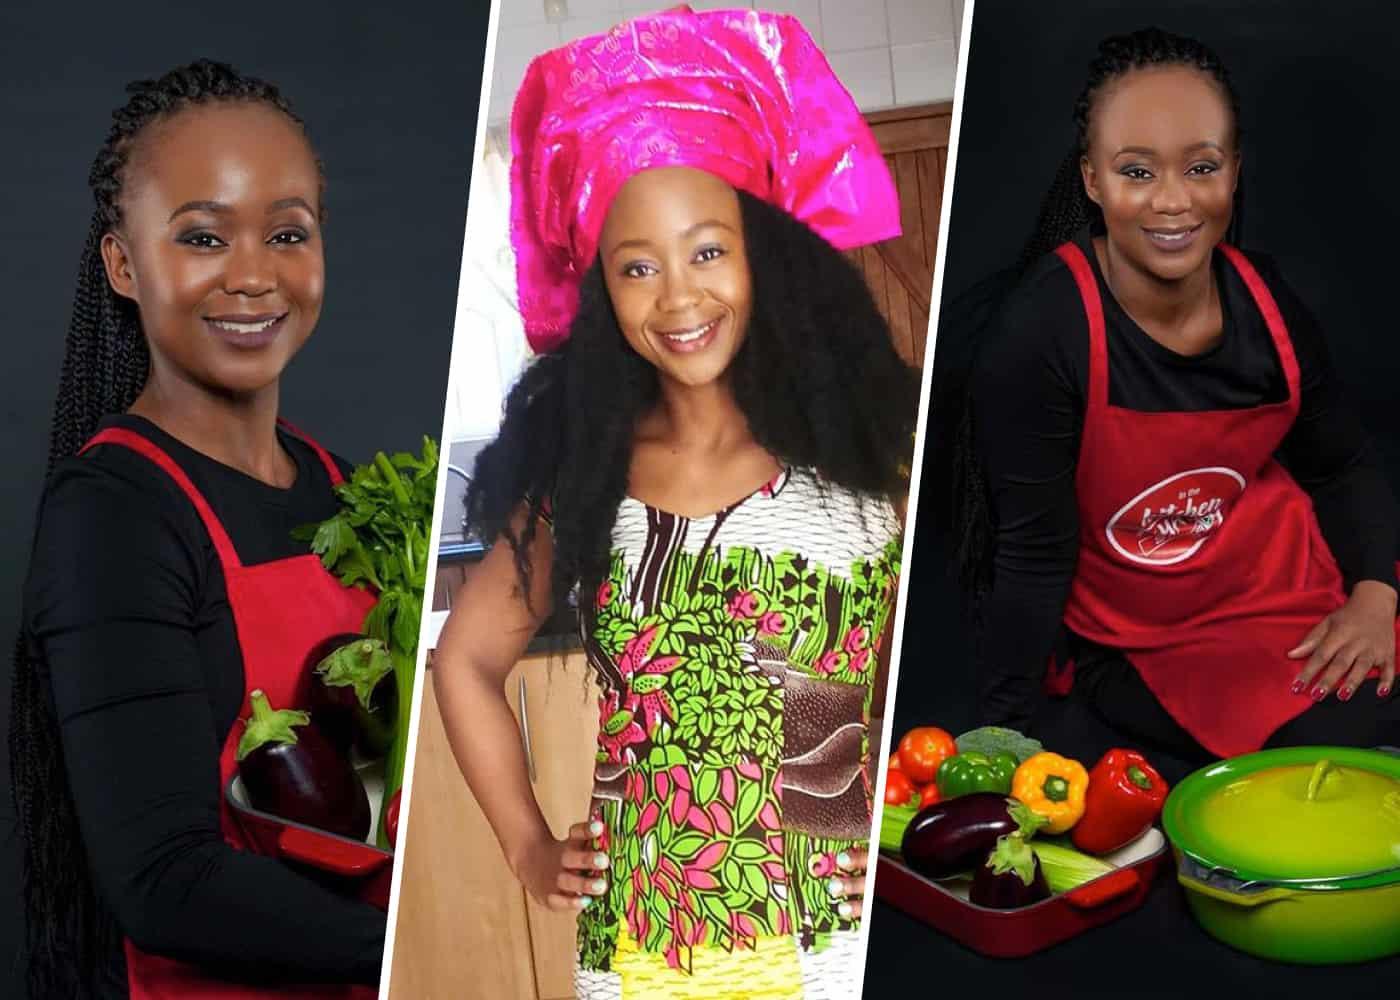 Food ambassador Khayakazi Kepe is former MasterChef contestant and she host a weekly radio show on Umhlobo Wenene FM called 'In the kitchen with Khaya'.